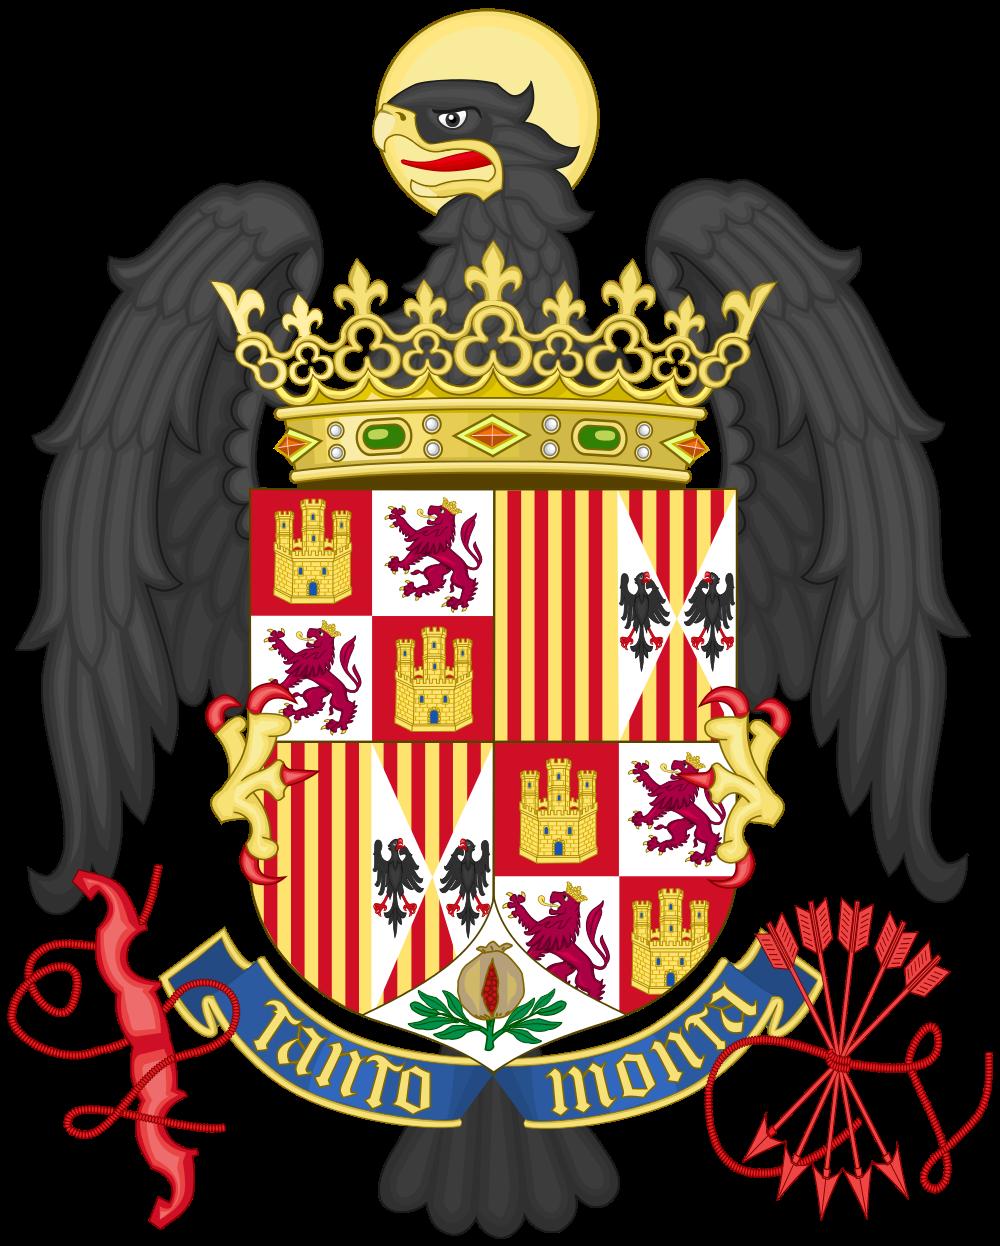 Apple clipart vintage coat of arms vector royalty free stock escudo de los reyes catolicos - | Spanish Explorers | Pinterest ... vector royalty free stock